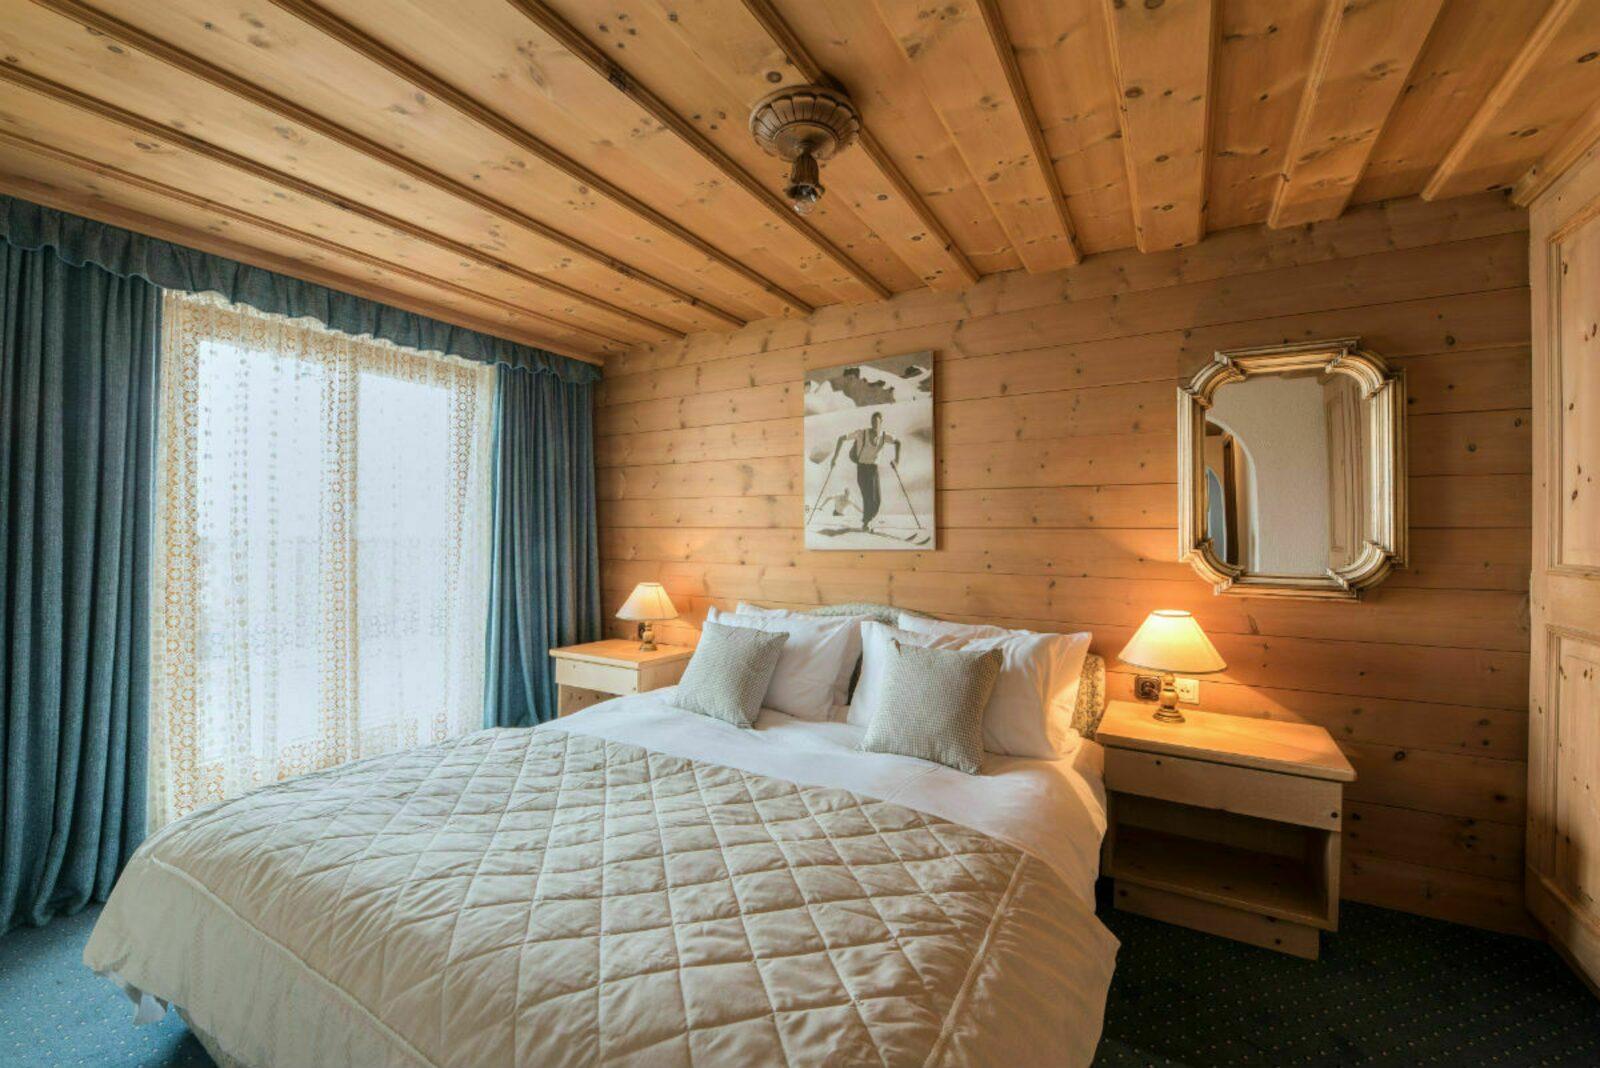 Hotelkamer Standaard | 2-3 Pers.